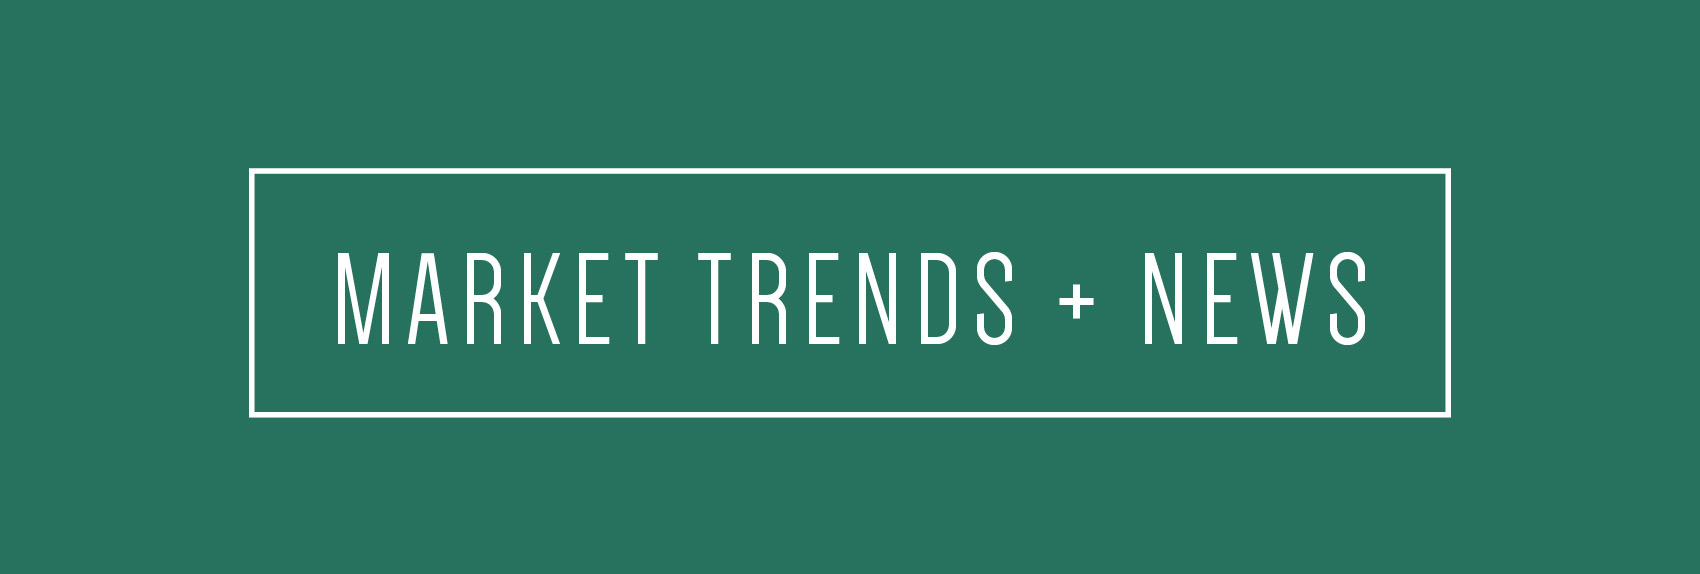 Header - Market Updates 2.jpg